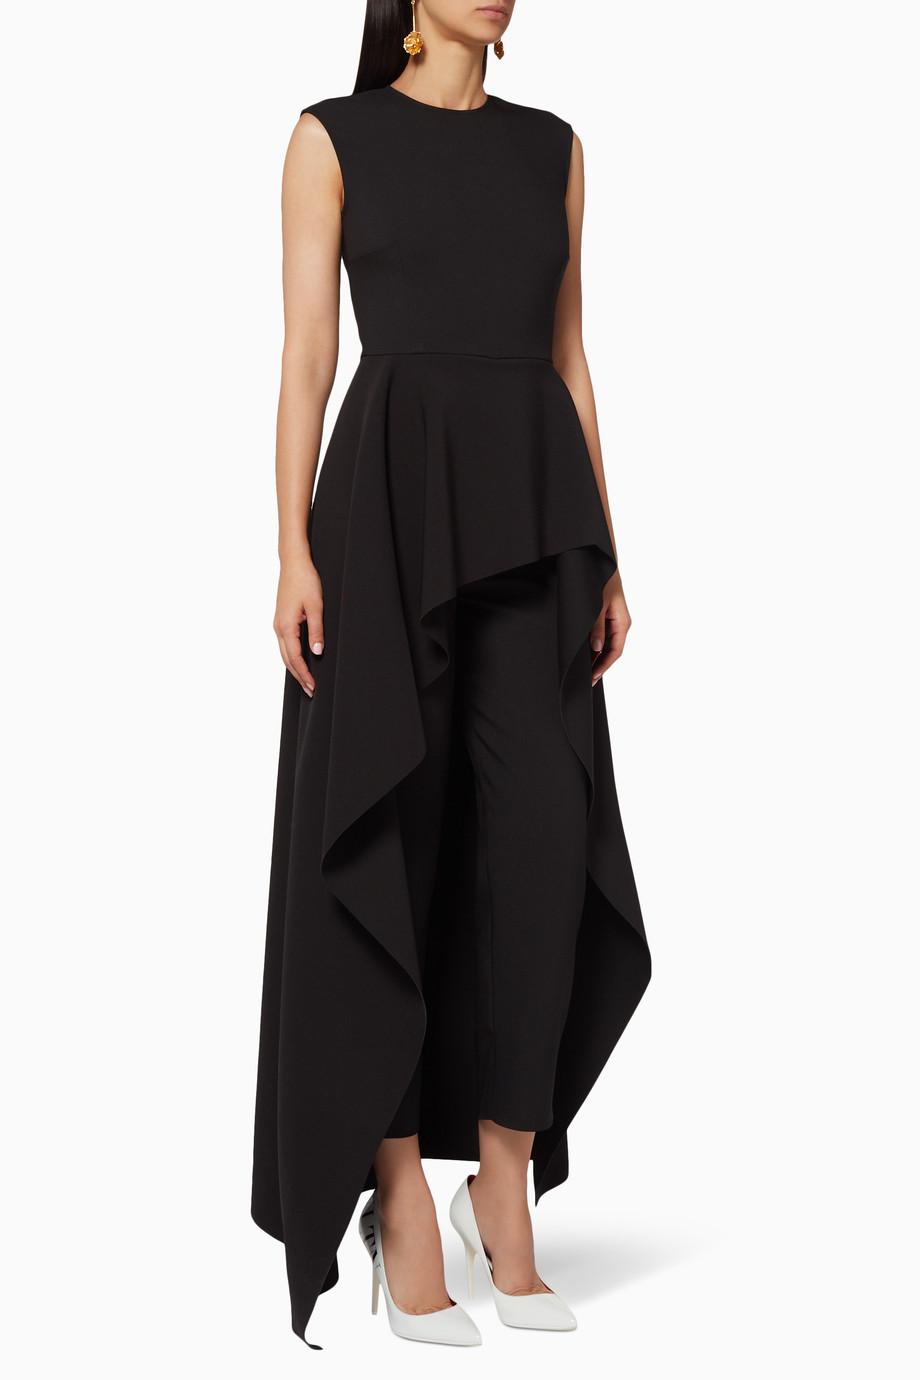 1087b004d7a1 Shop Solace London Black Black Soraya Jumpsuit for Women